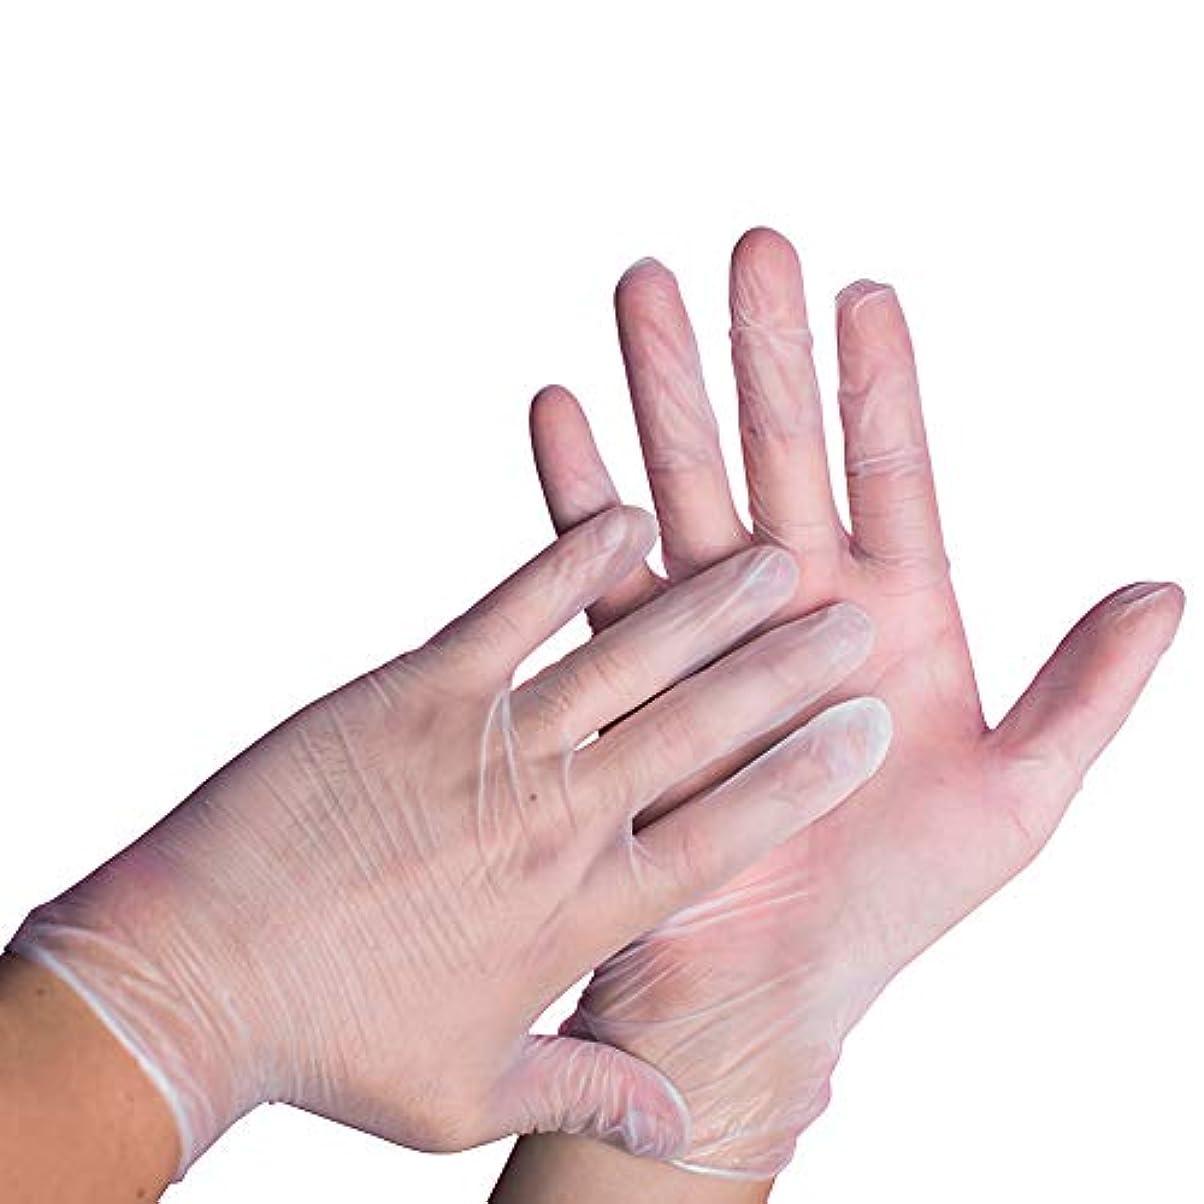 シーン合金Luka 使い捨てPVC手袋 透明 粉フリー ビニール手袋 家庭用 検査用手袋